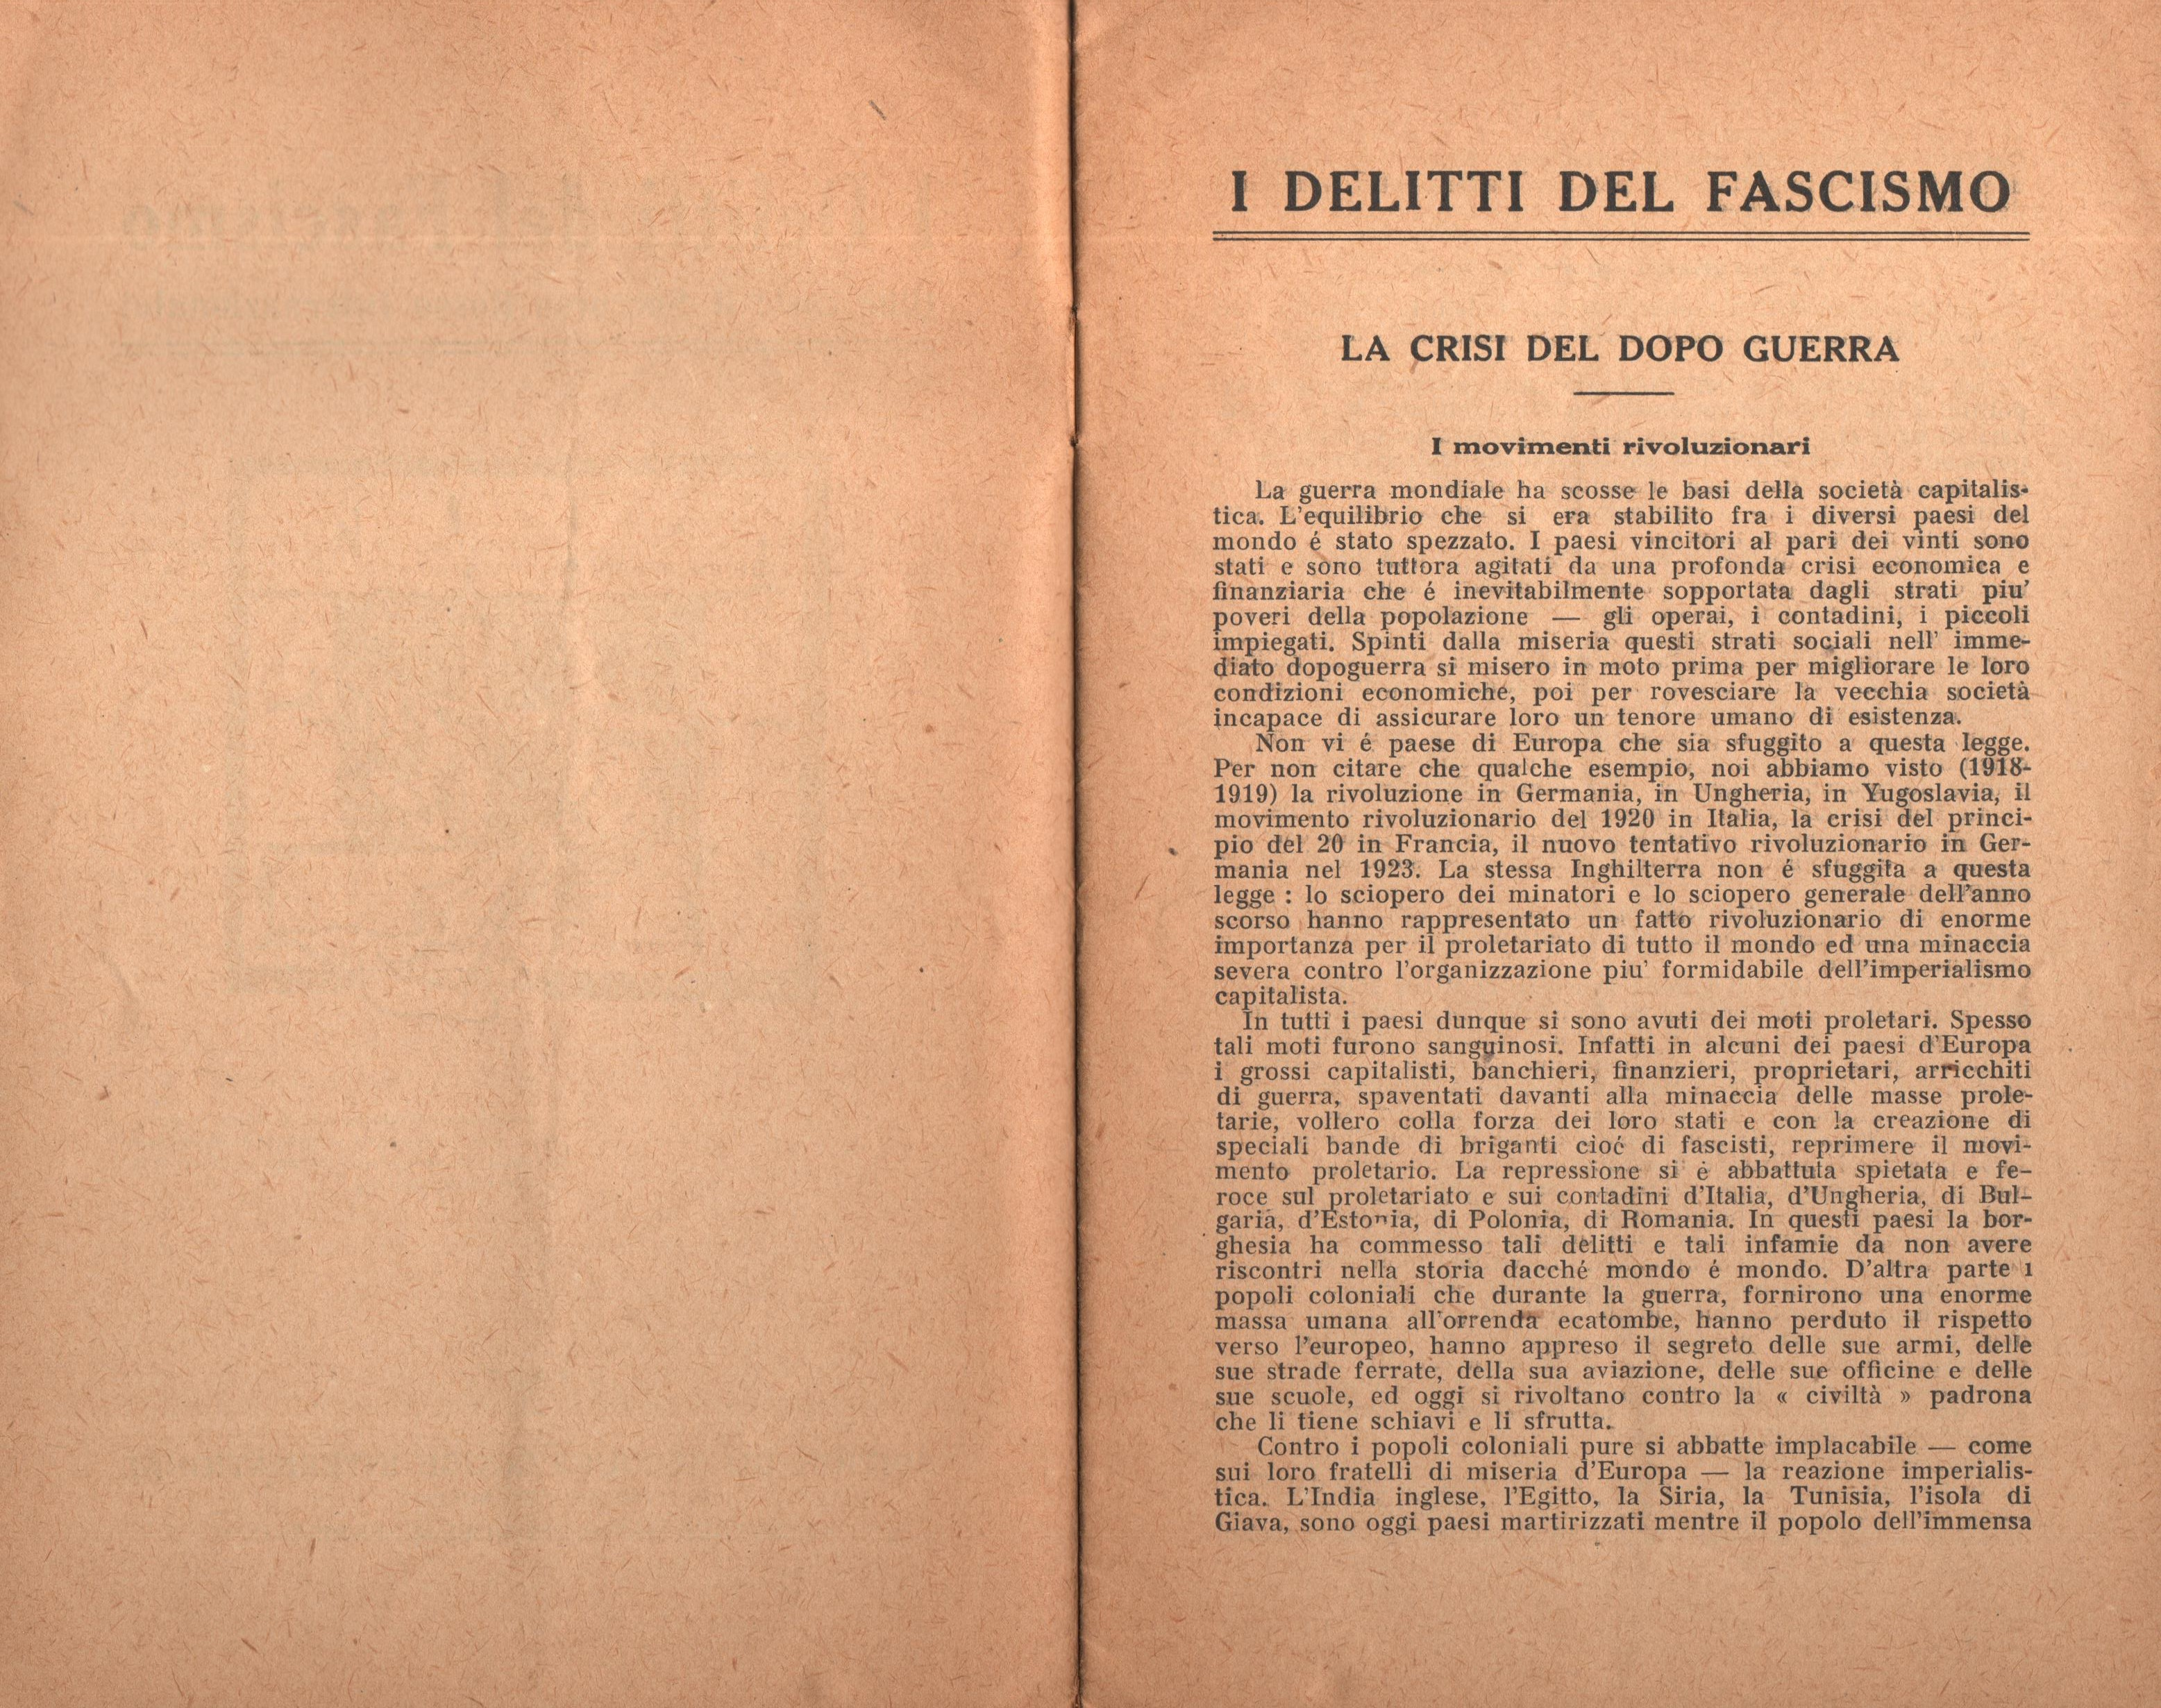 I delitti del fascismo - pag. 3